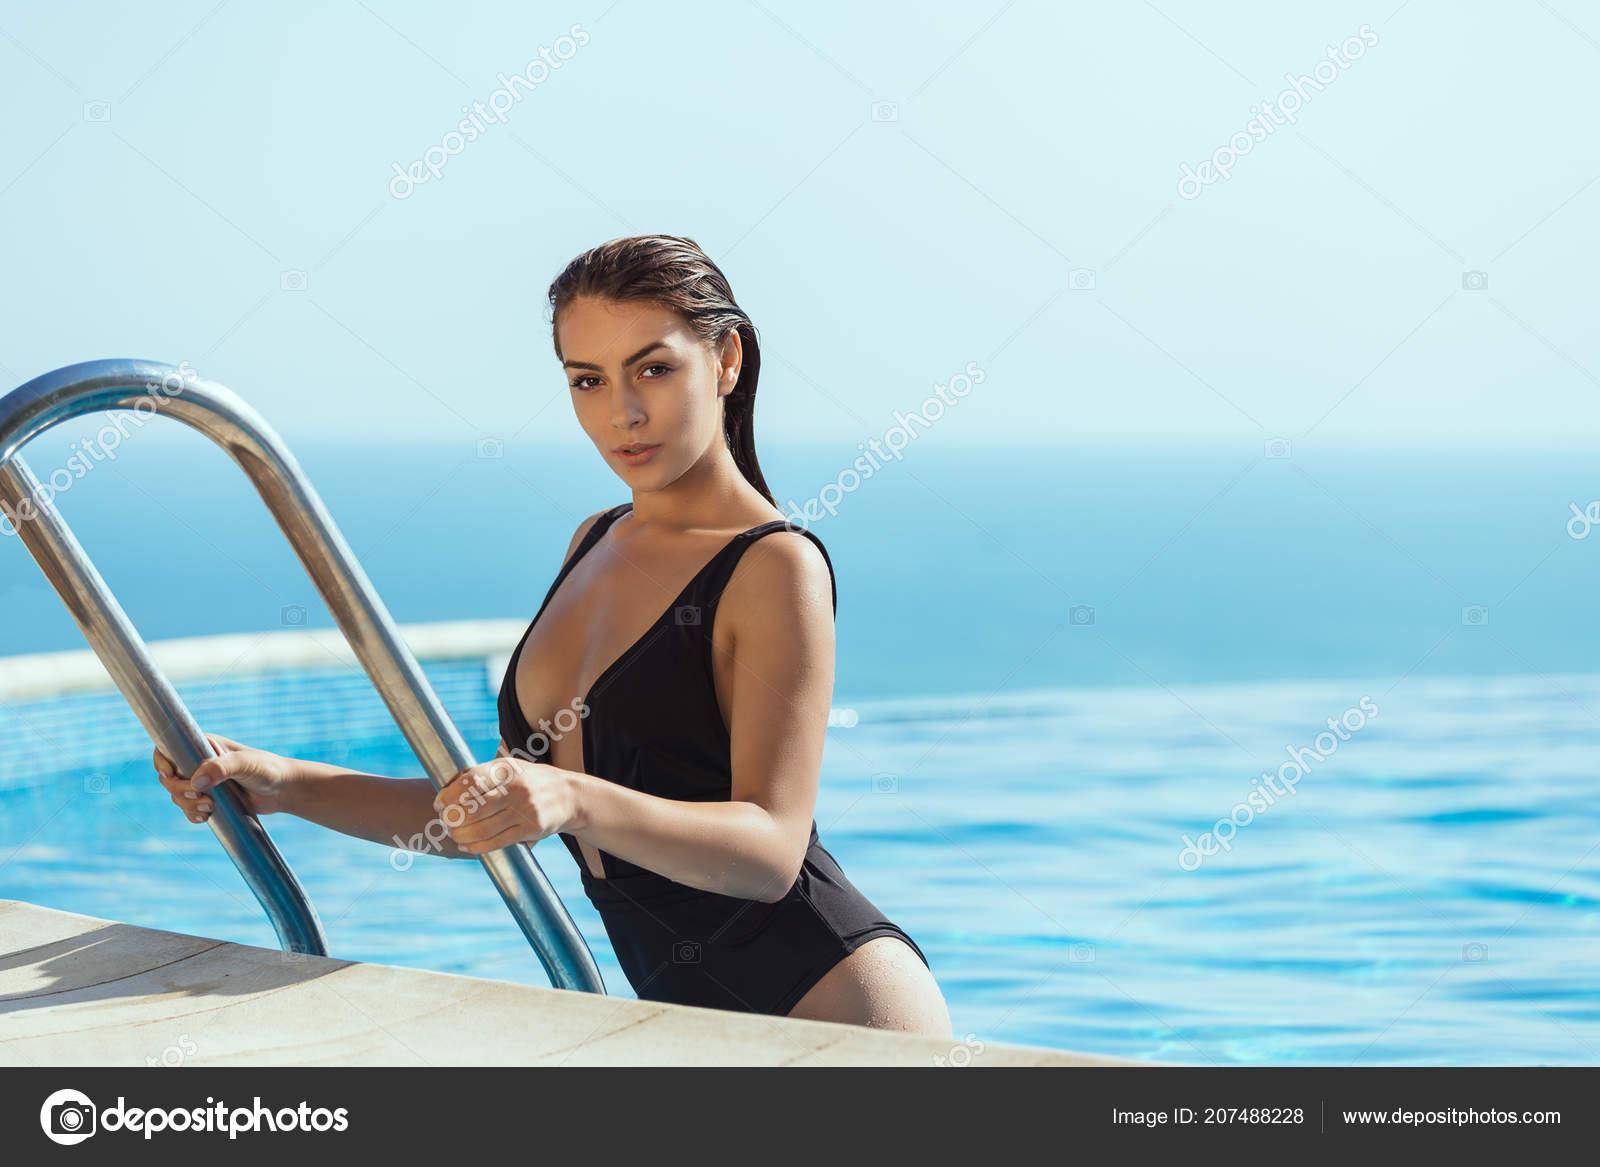 fotky nahé dívky dívky bazénu